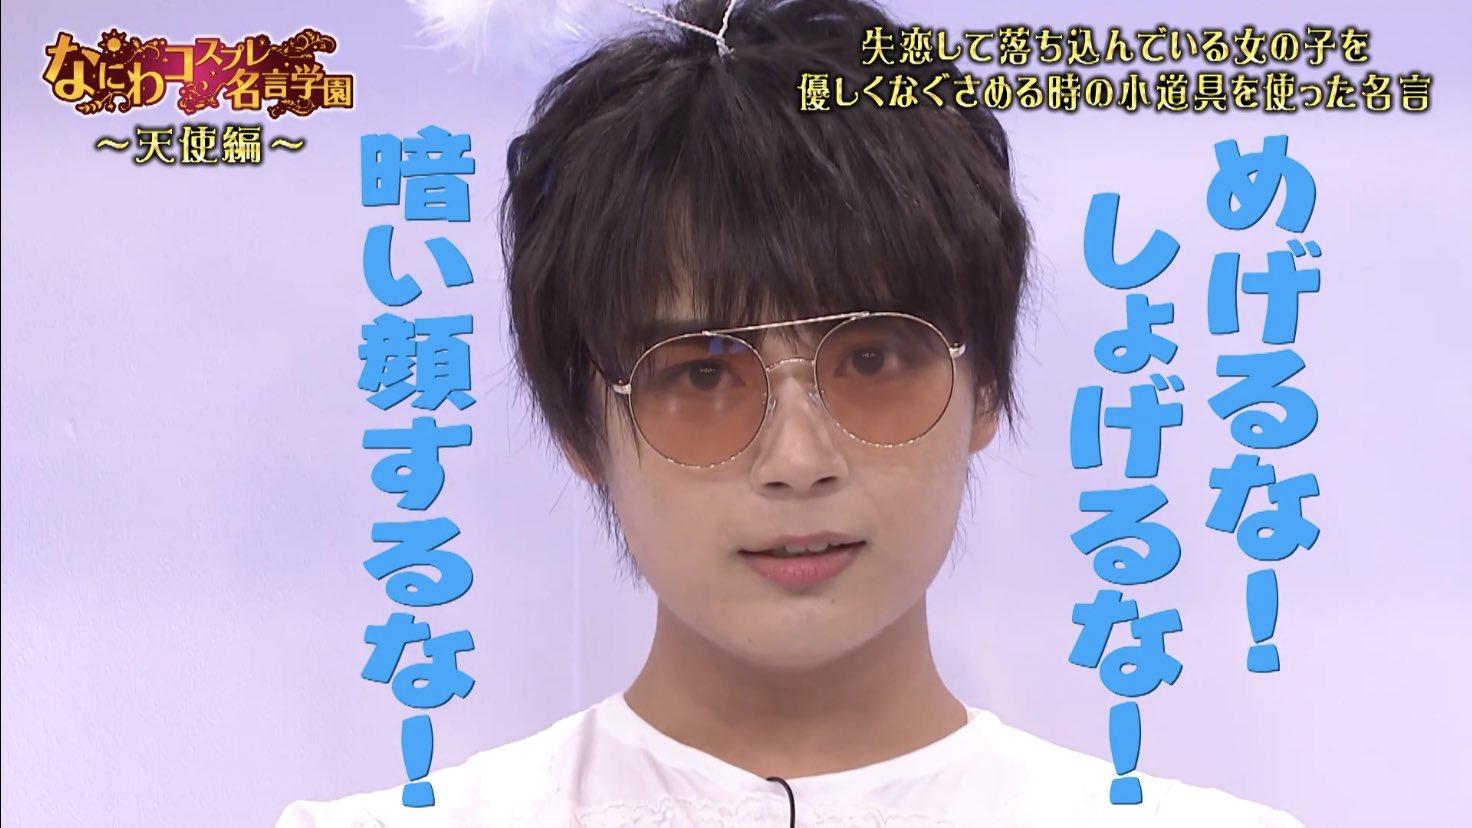 乃木坂まとめ中 | なにわ男子大西流星って、林瑠奈ちゃんこと好きなのかな…